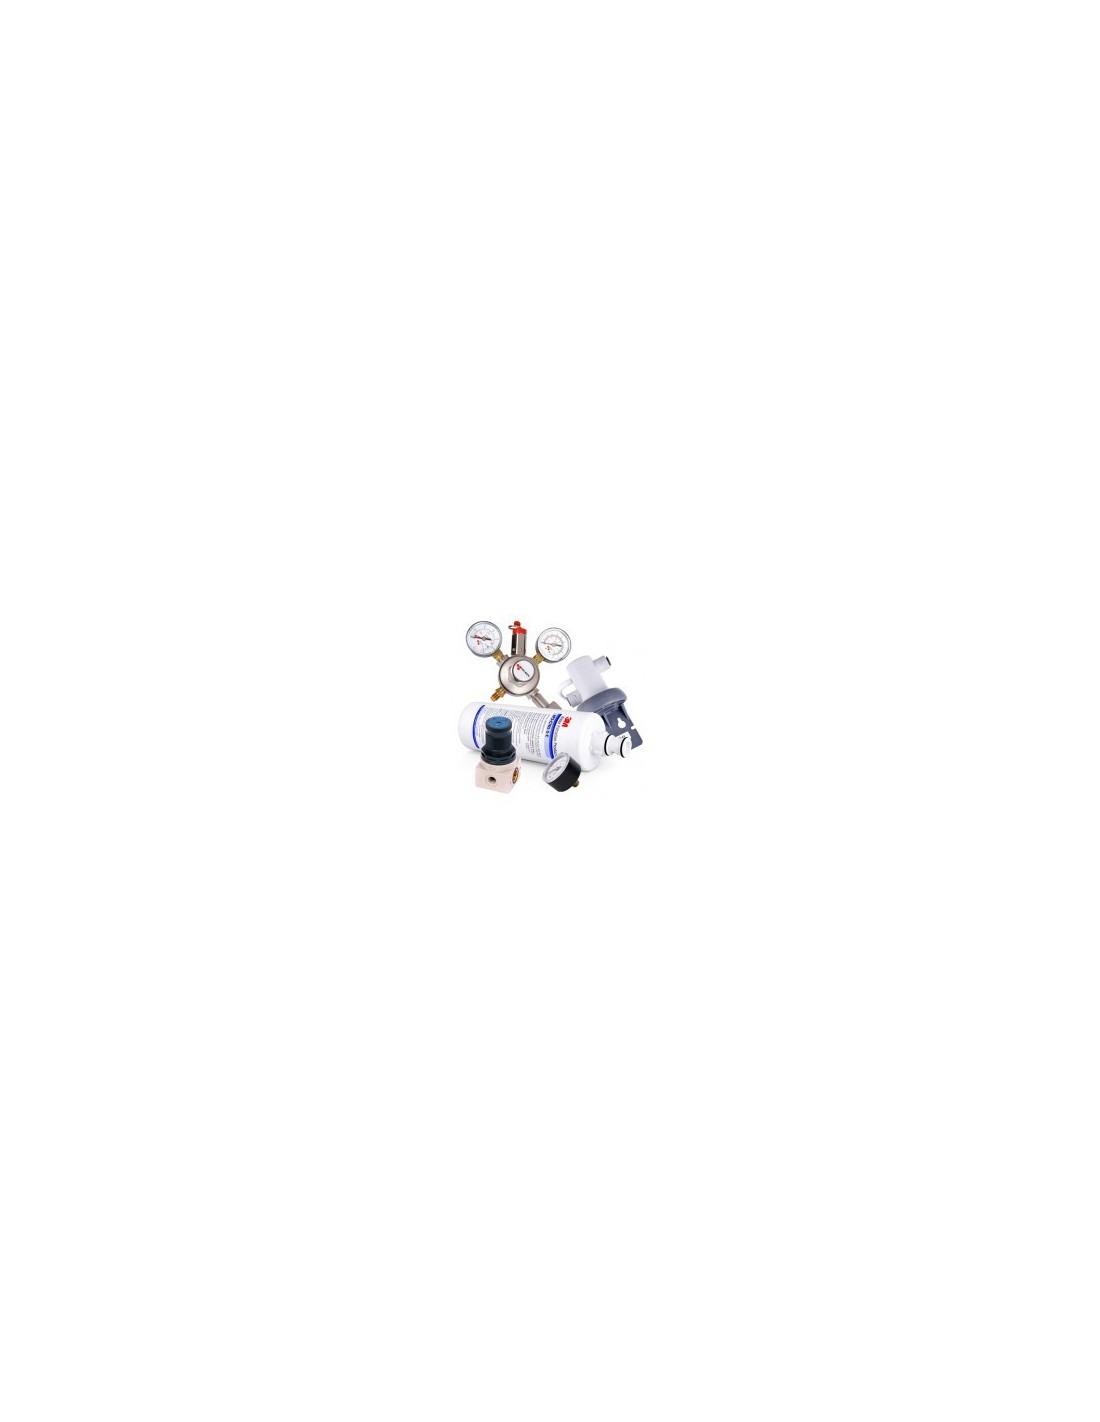 VYR02258_2 - Tillbehörspaket Soda AS-110